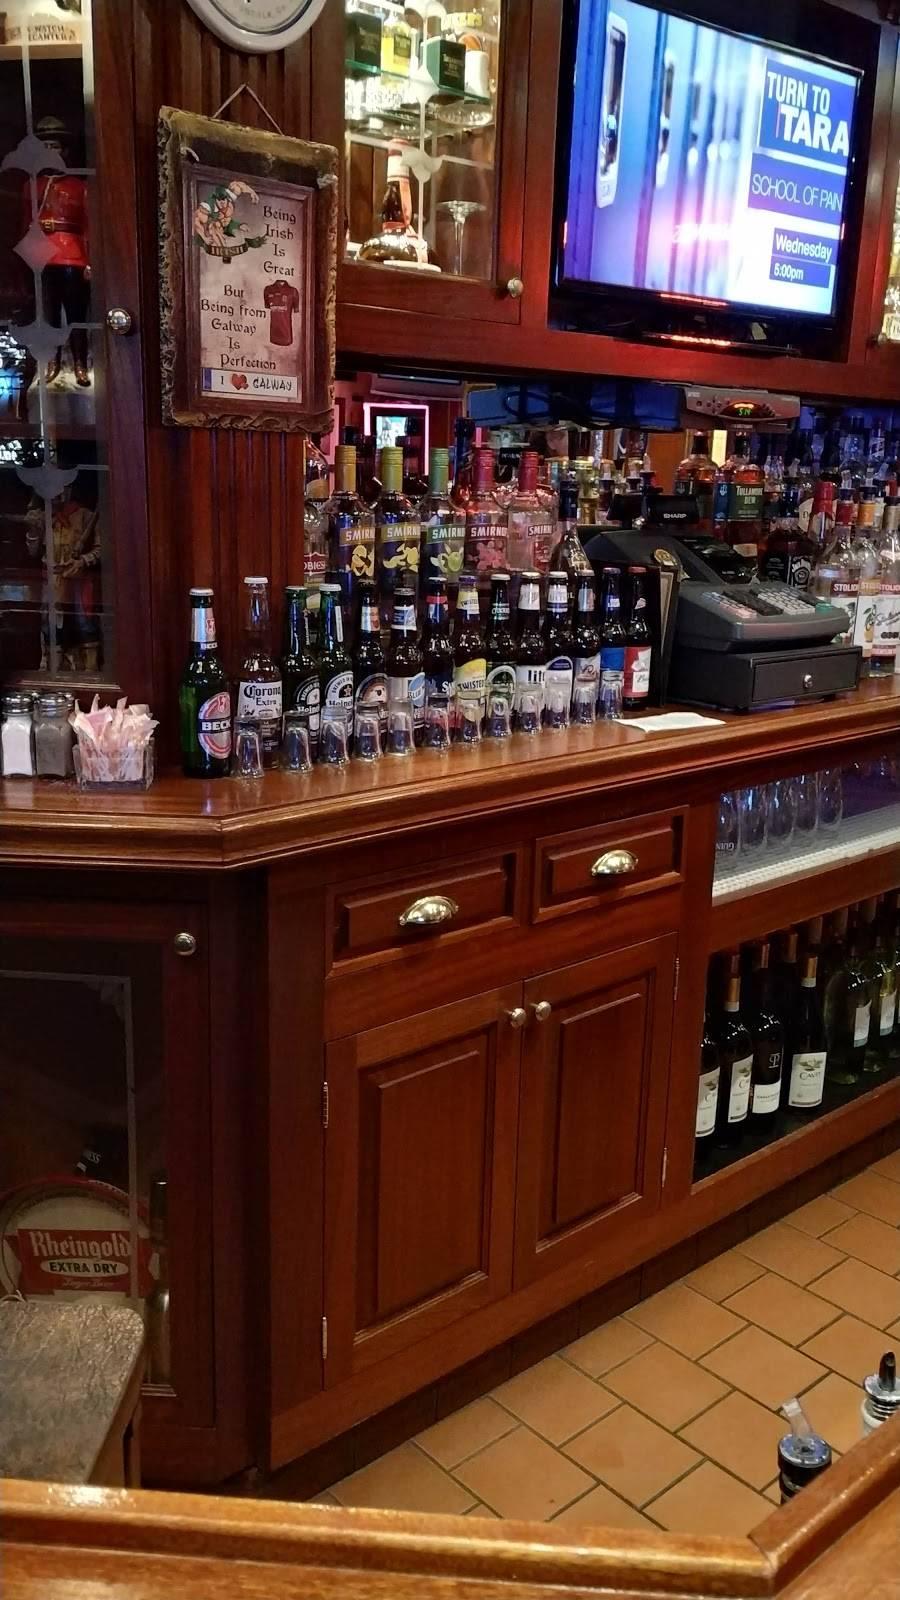 Sheerans   restaurant   337 N Liberty Dr, Tomkins Cove, NY 10986, USA   8454296190 OR +1 845-429-6190